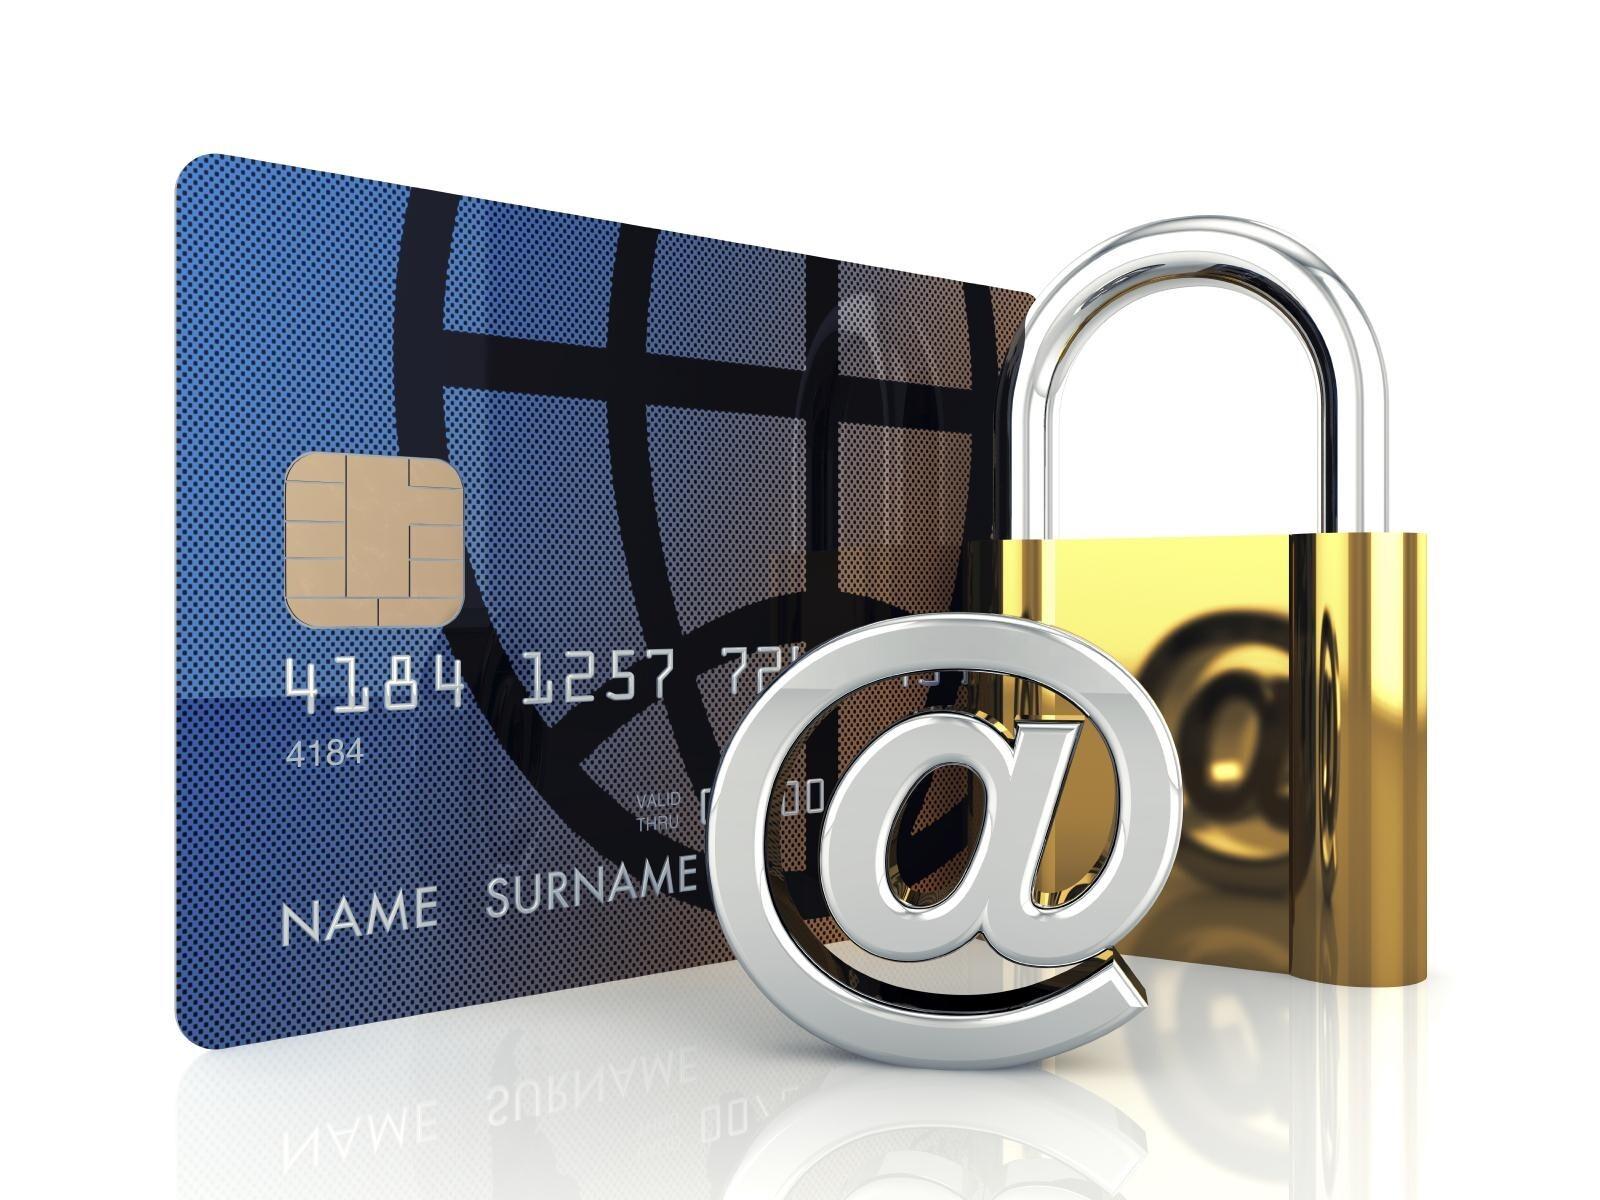 A possibilidade de verificar os valores e formas de pagamento de diversas  marcas e lojas diferentes sem sair de casa e comprar sem enfrentar filas  são ... 7812b6a182